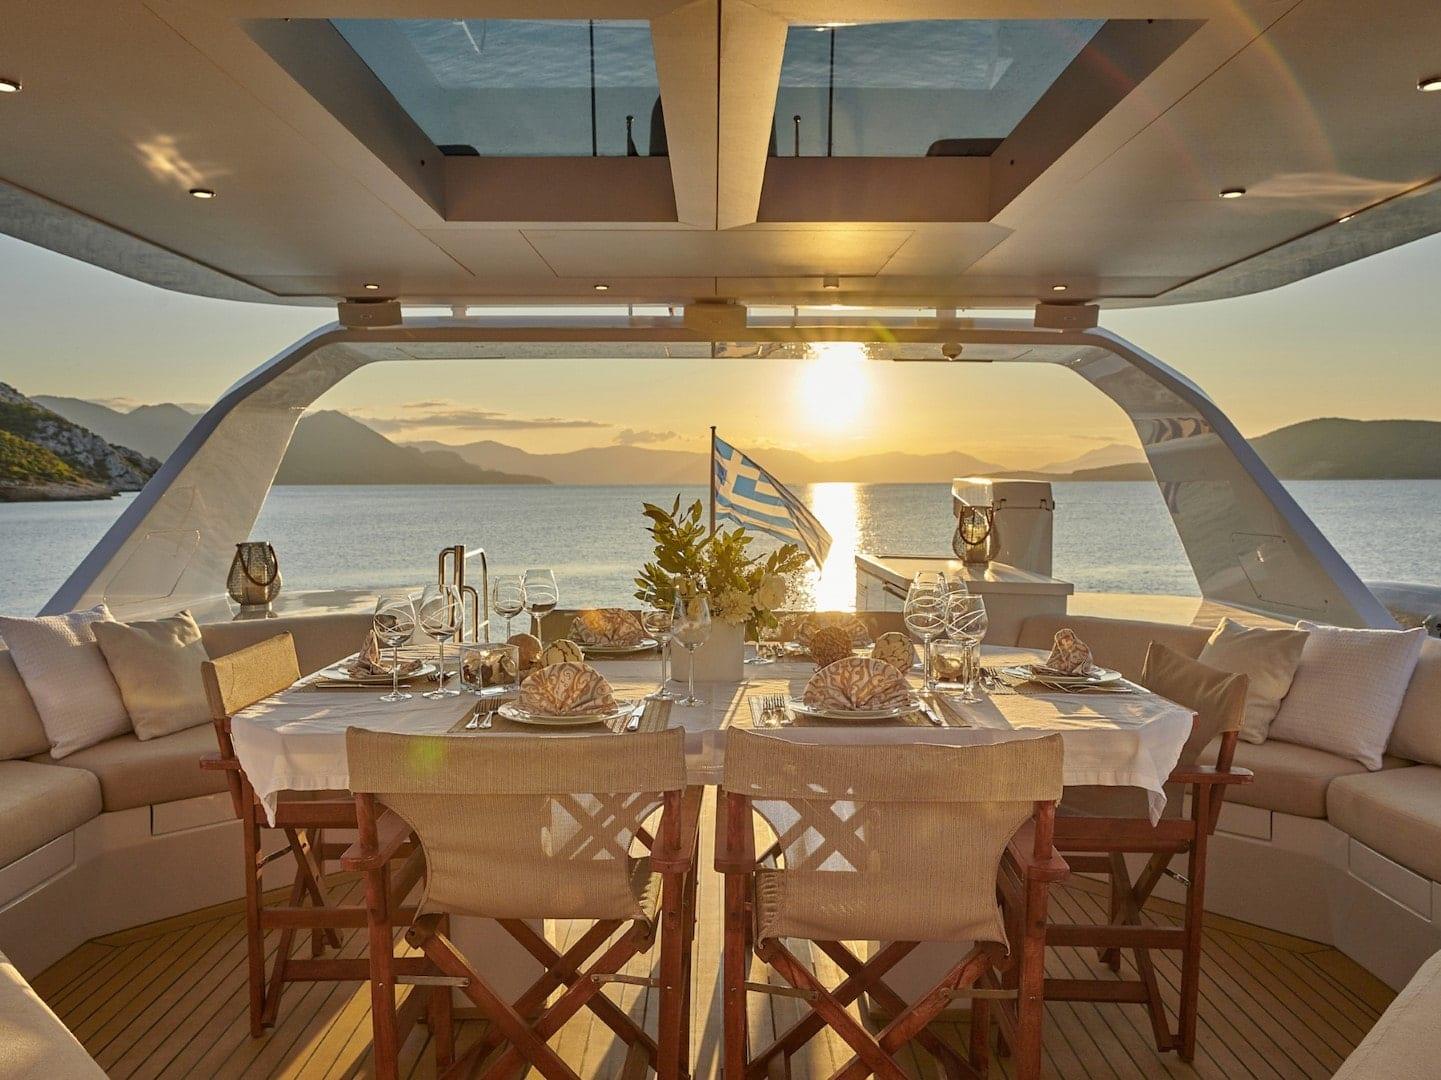 mia-zoi-motor-yacht-sundeck-sunset